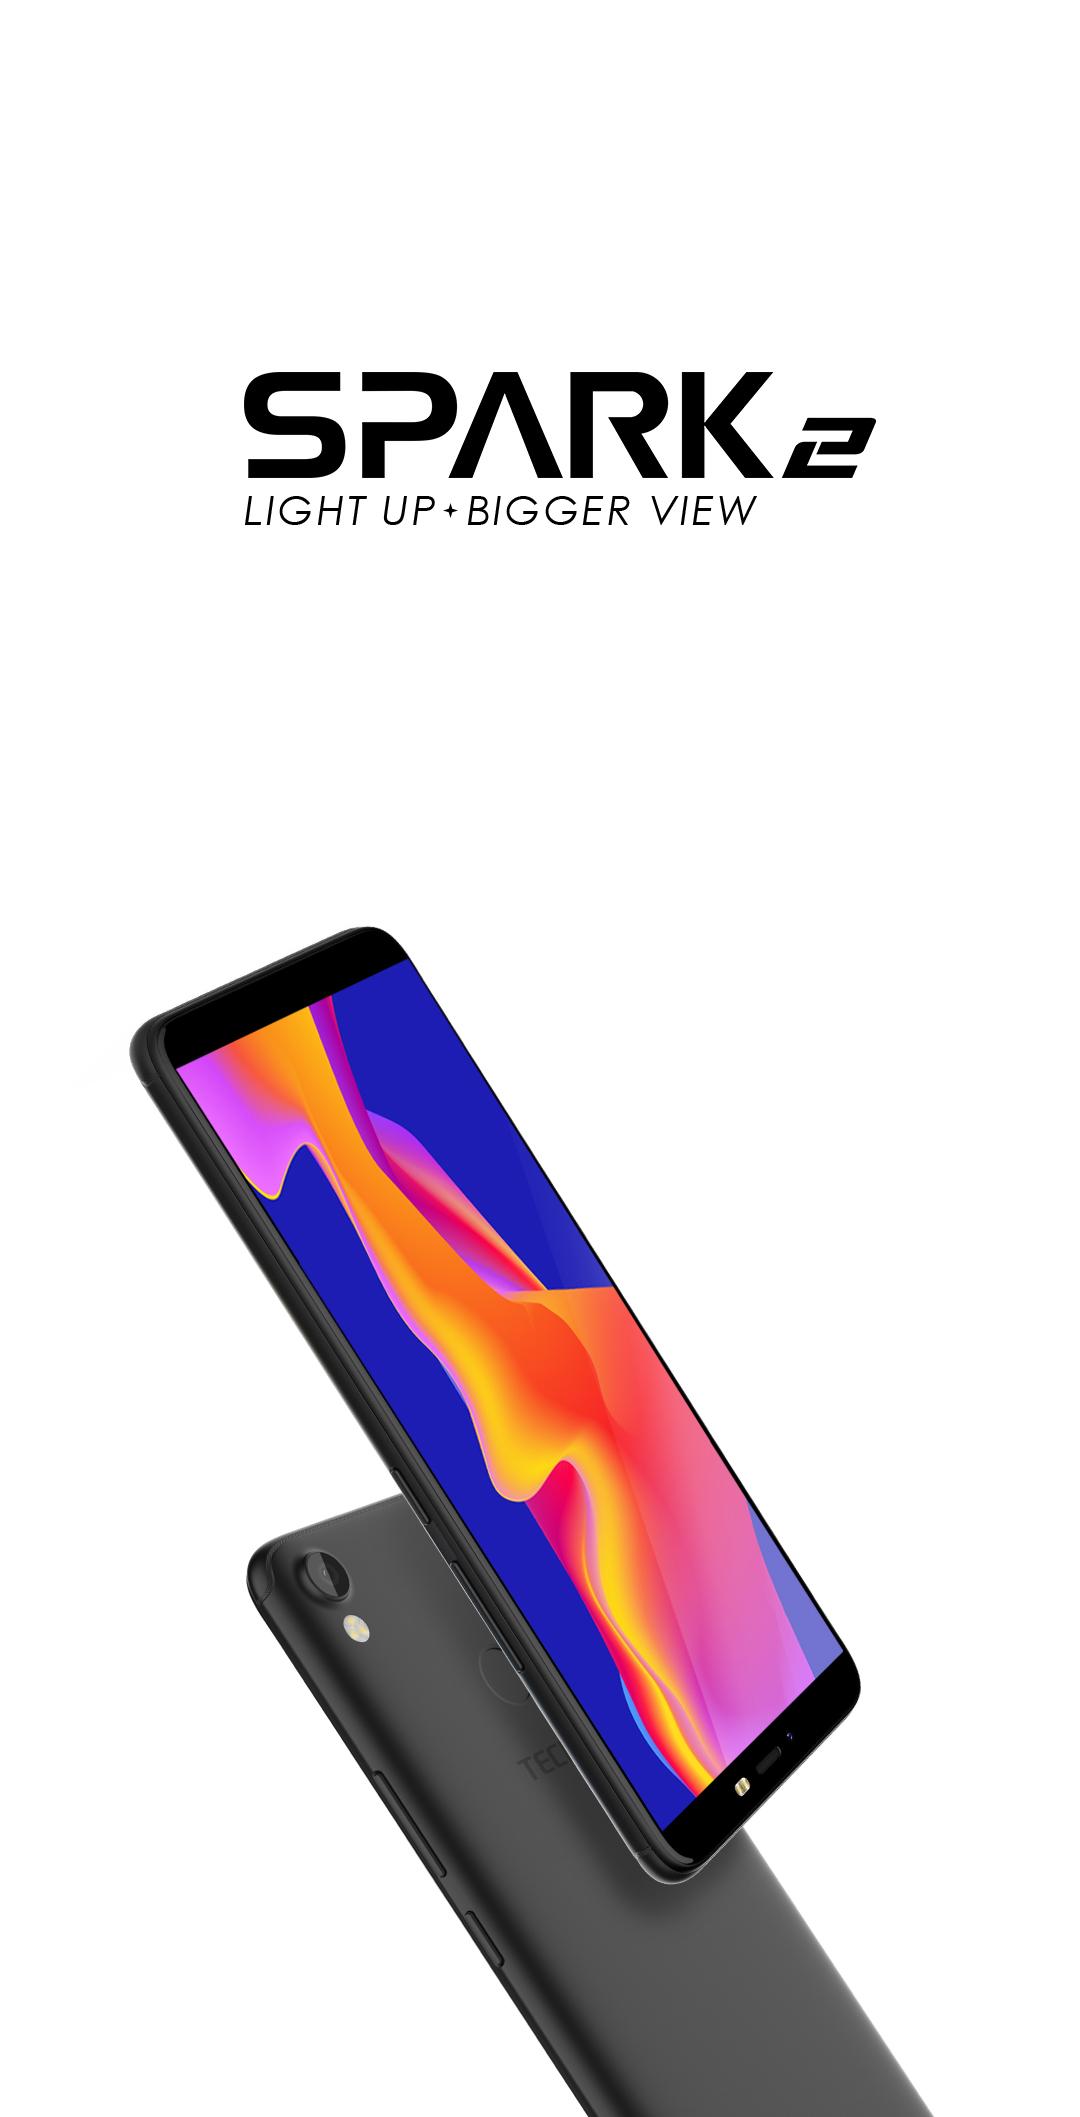 SPARK 2 - TECNO Mobile